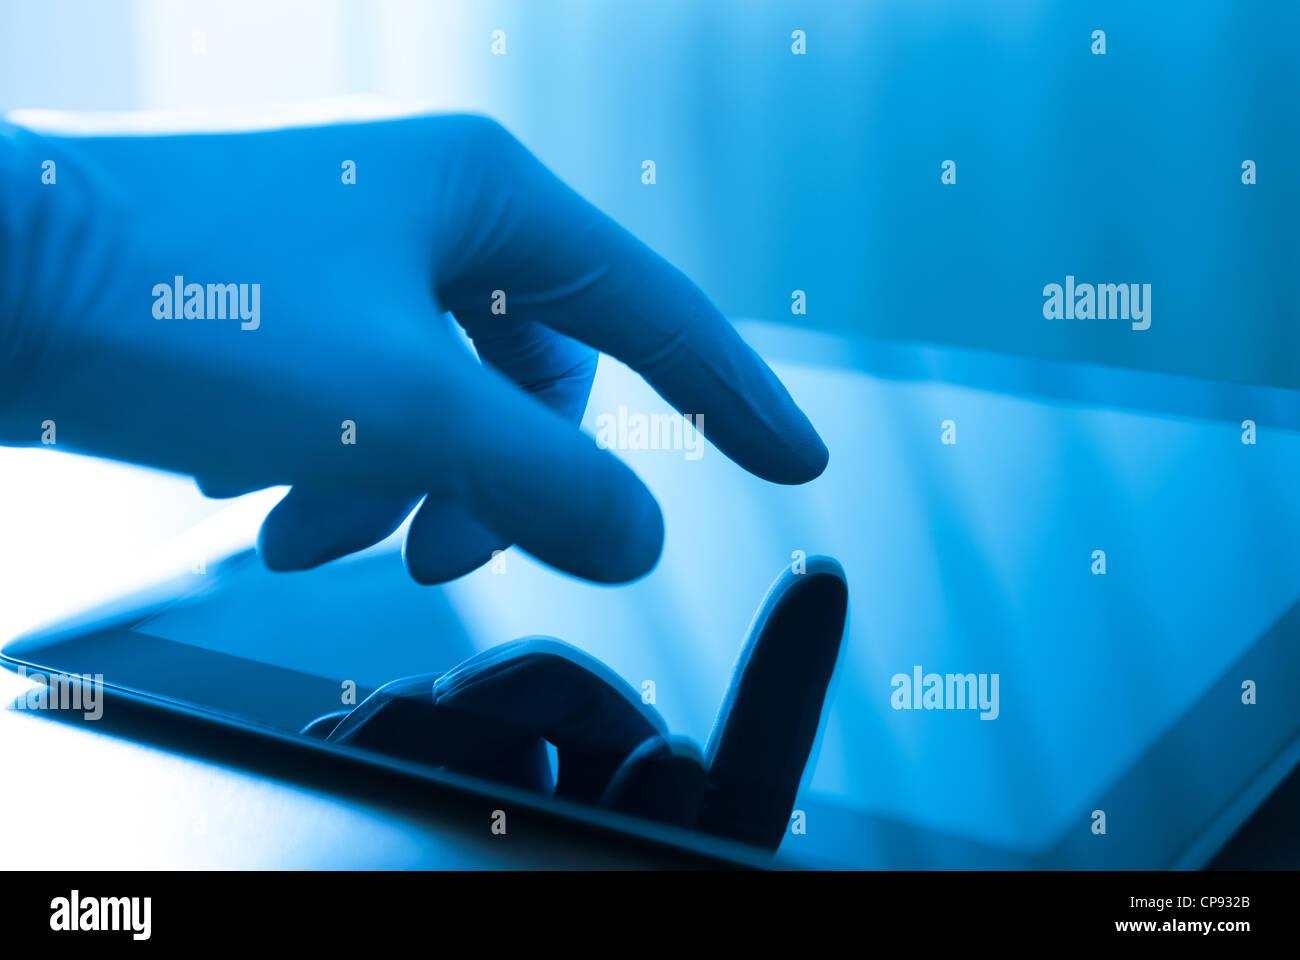 Mano en Guante azul tocar tablet digital moderna. Concepto de imagen médica o tema de investigación. Foto de stock